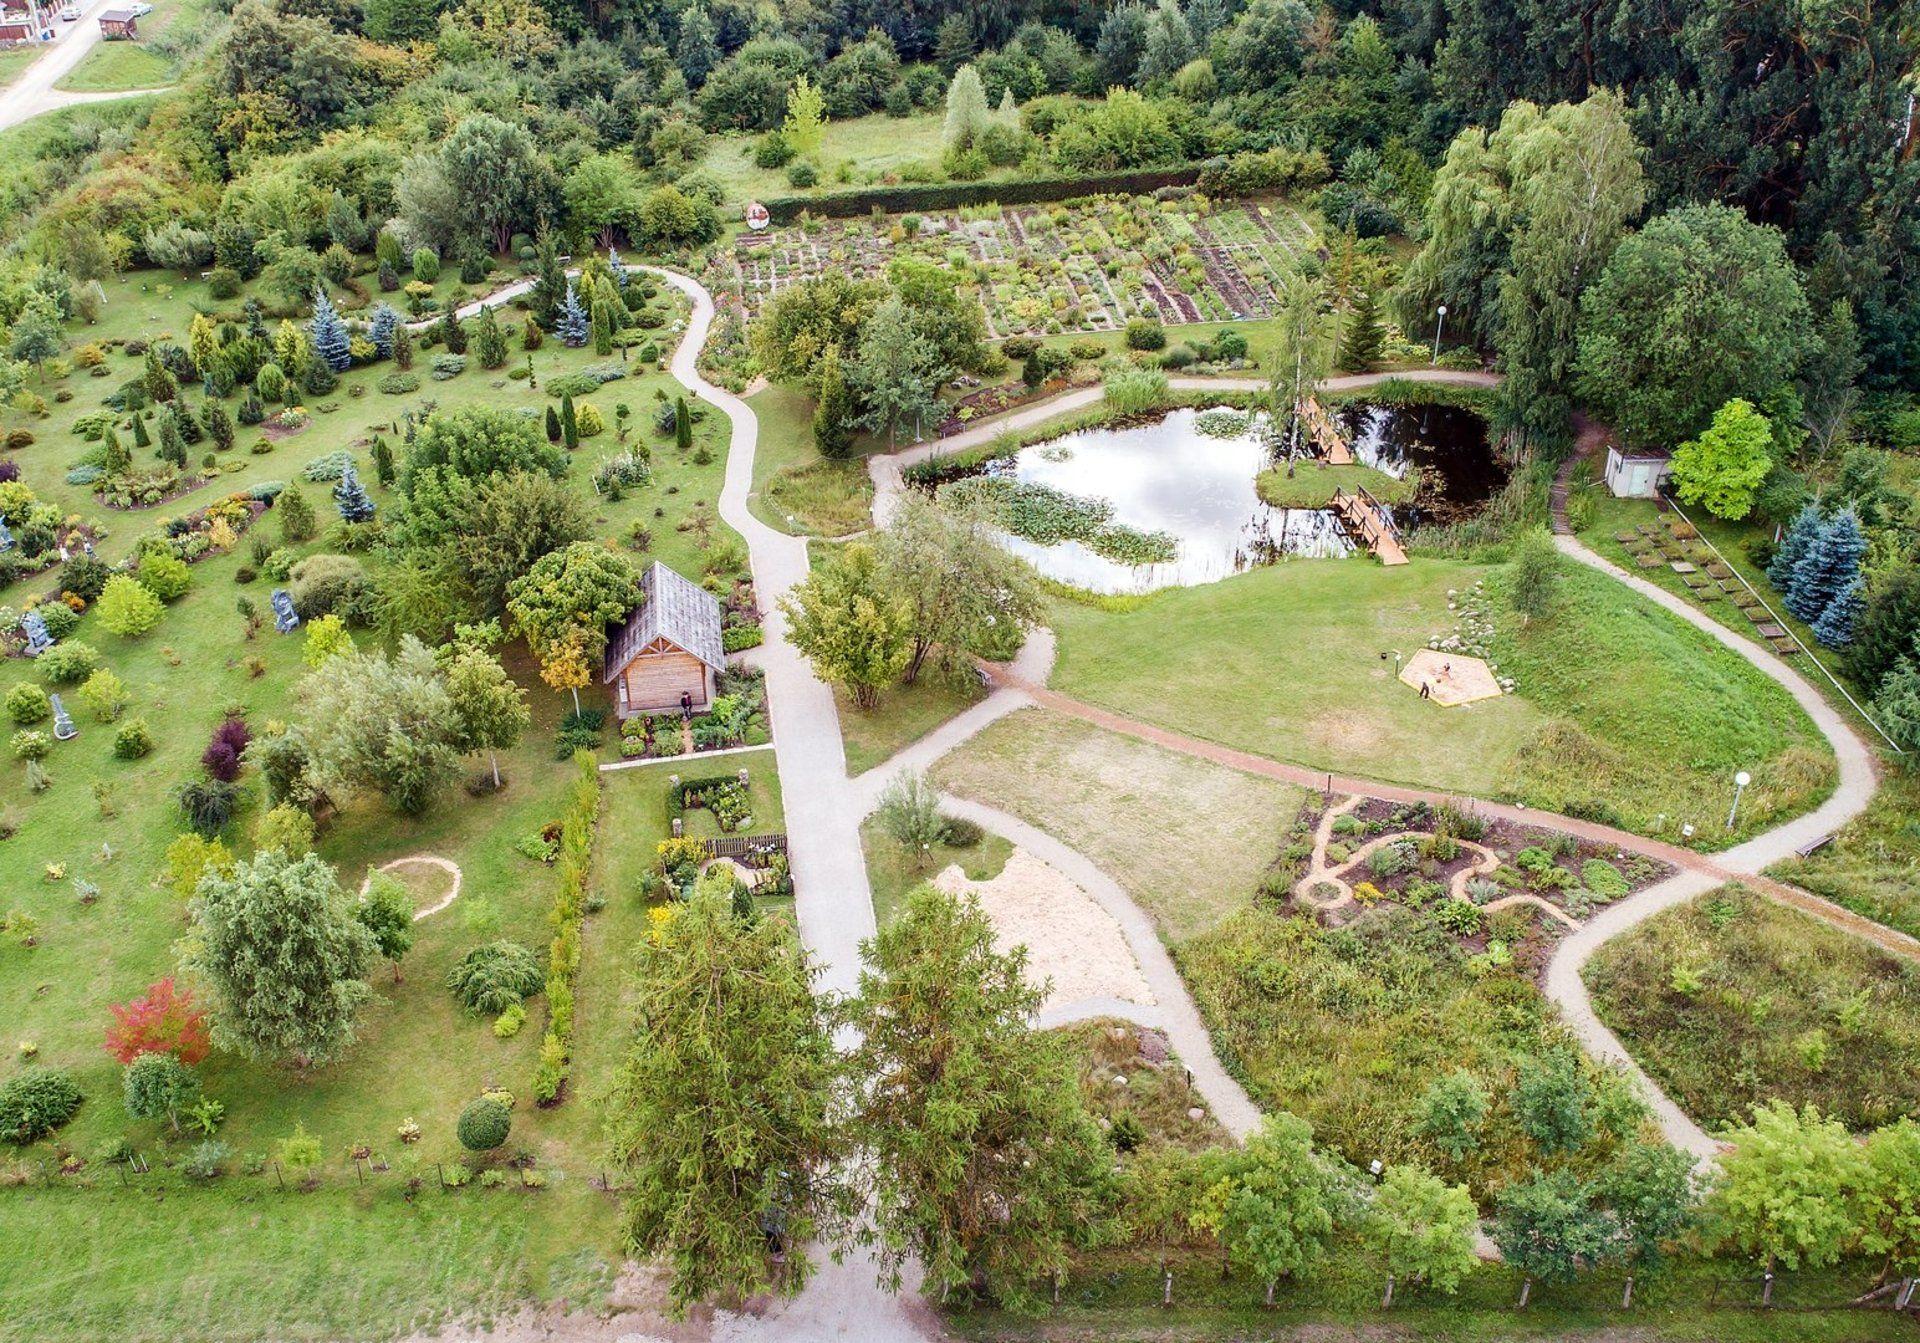 Šiaulių universiteto botanikos sodas